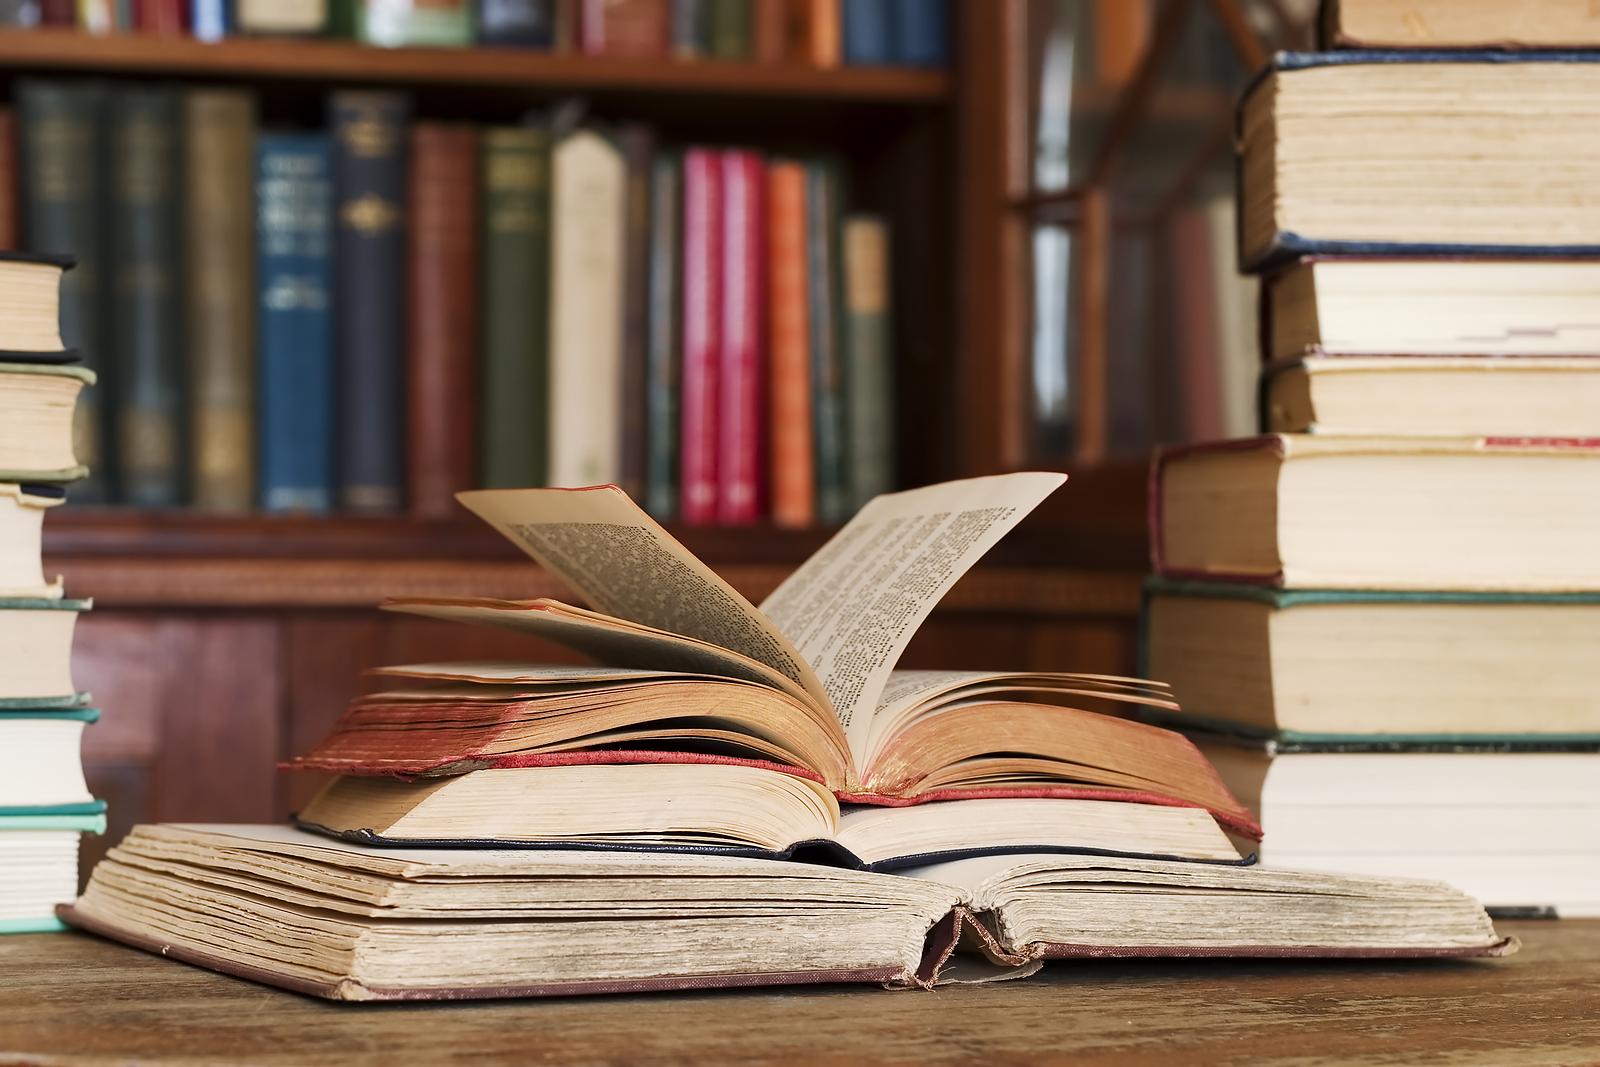 """Библиотека - книжных знаний храм"""" афиша подмосковья."""